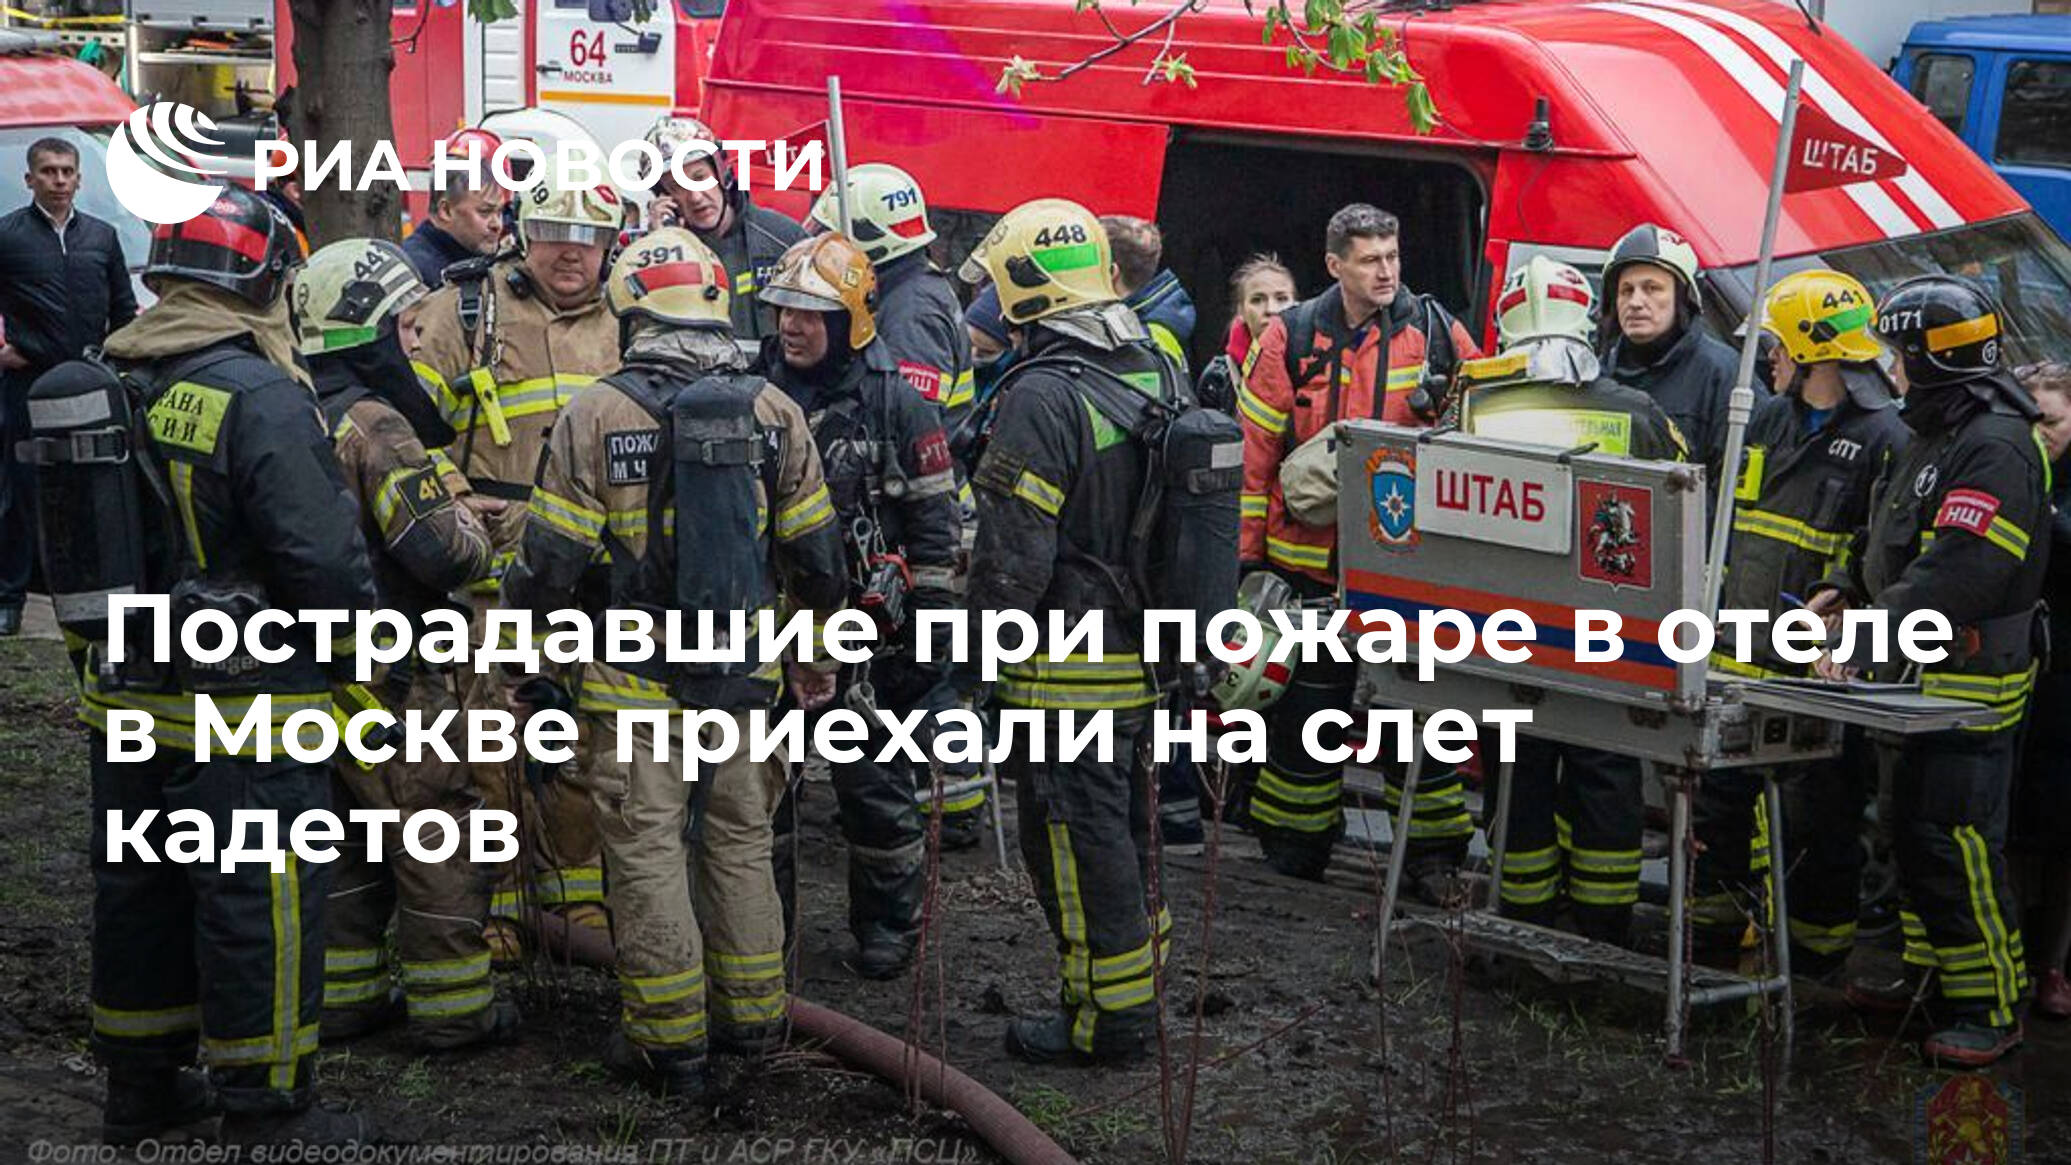 Пострадавшие при пожаре в отеле в Москве приехали на слет кадетов